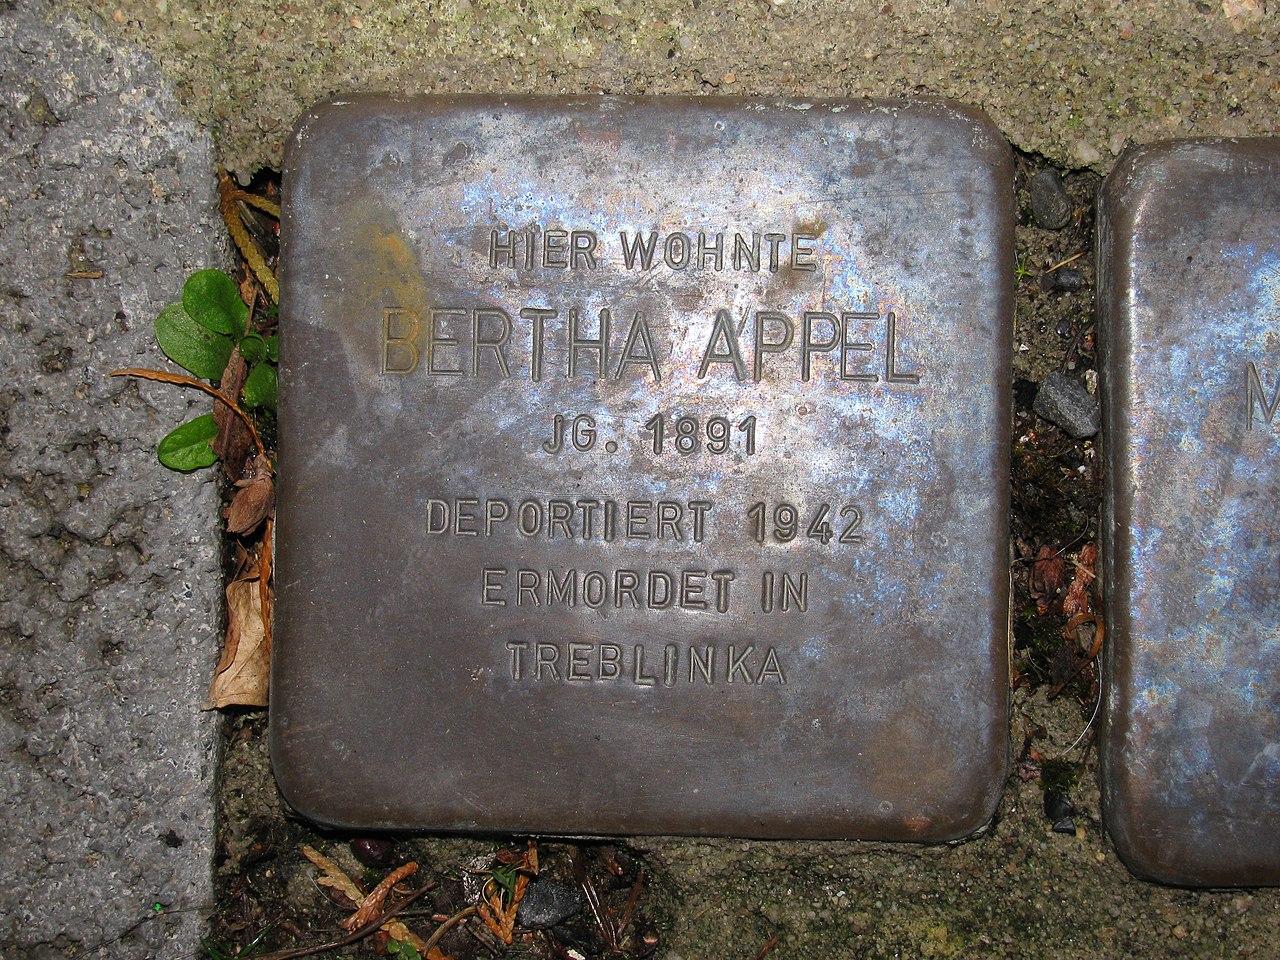 Stolperstein Bertha Appel, 1, Obermainstraße 13, Dietesheim, Mühlheim (Main), Landkreis Offenbach.jpg